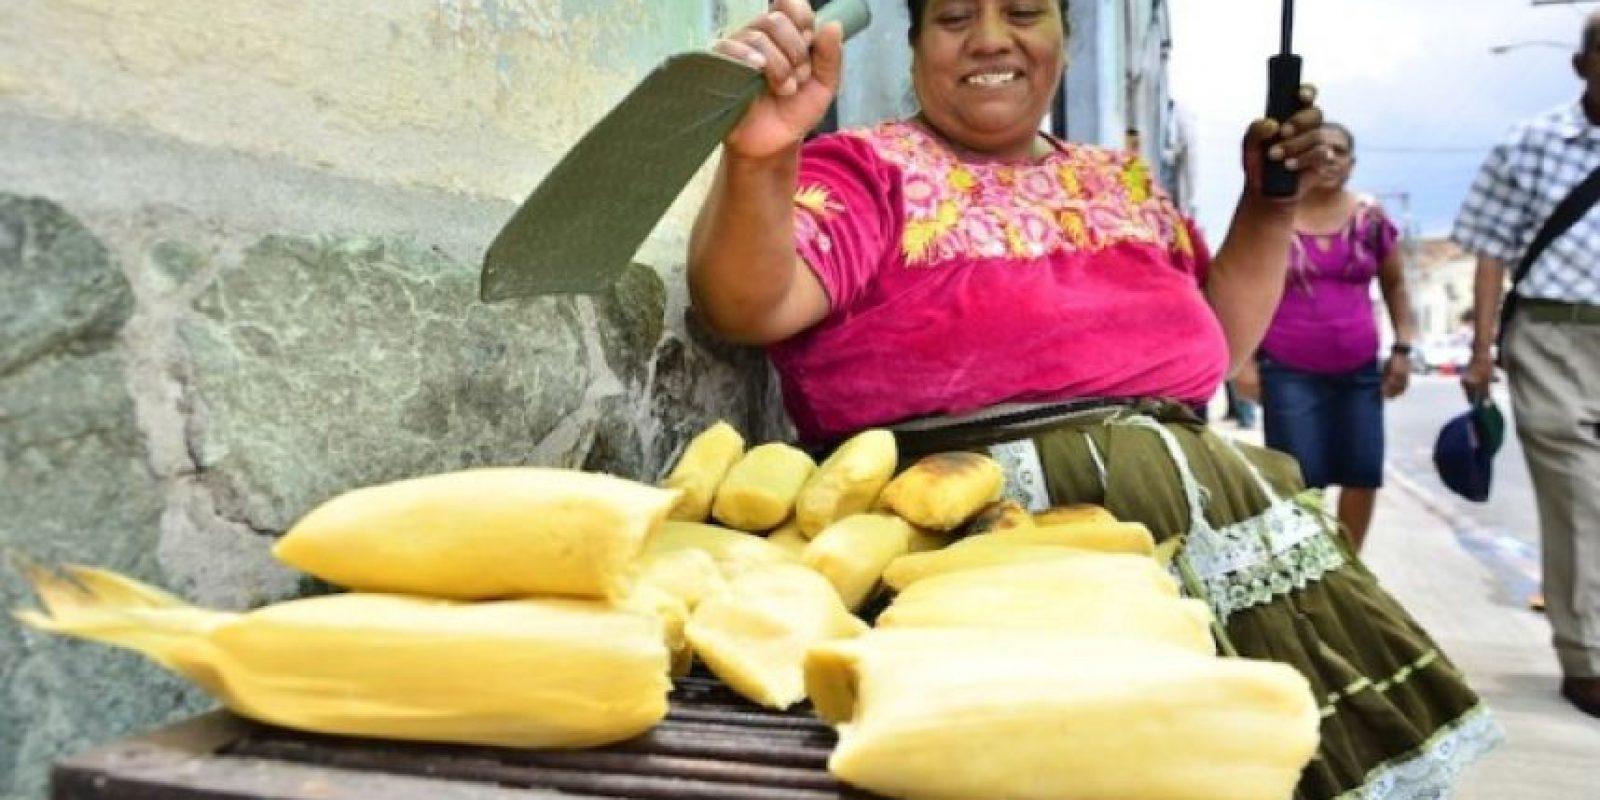 Los tamales de elote, cuyo ingrediente principal son granos de maíz tierno molidos y mezclados con leche o mantequilla, no tienen relleno y se envuelven en las hojas de doblador.